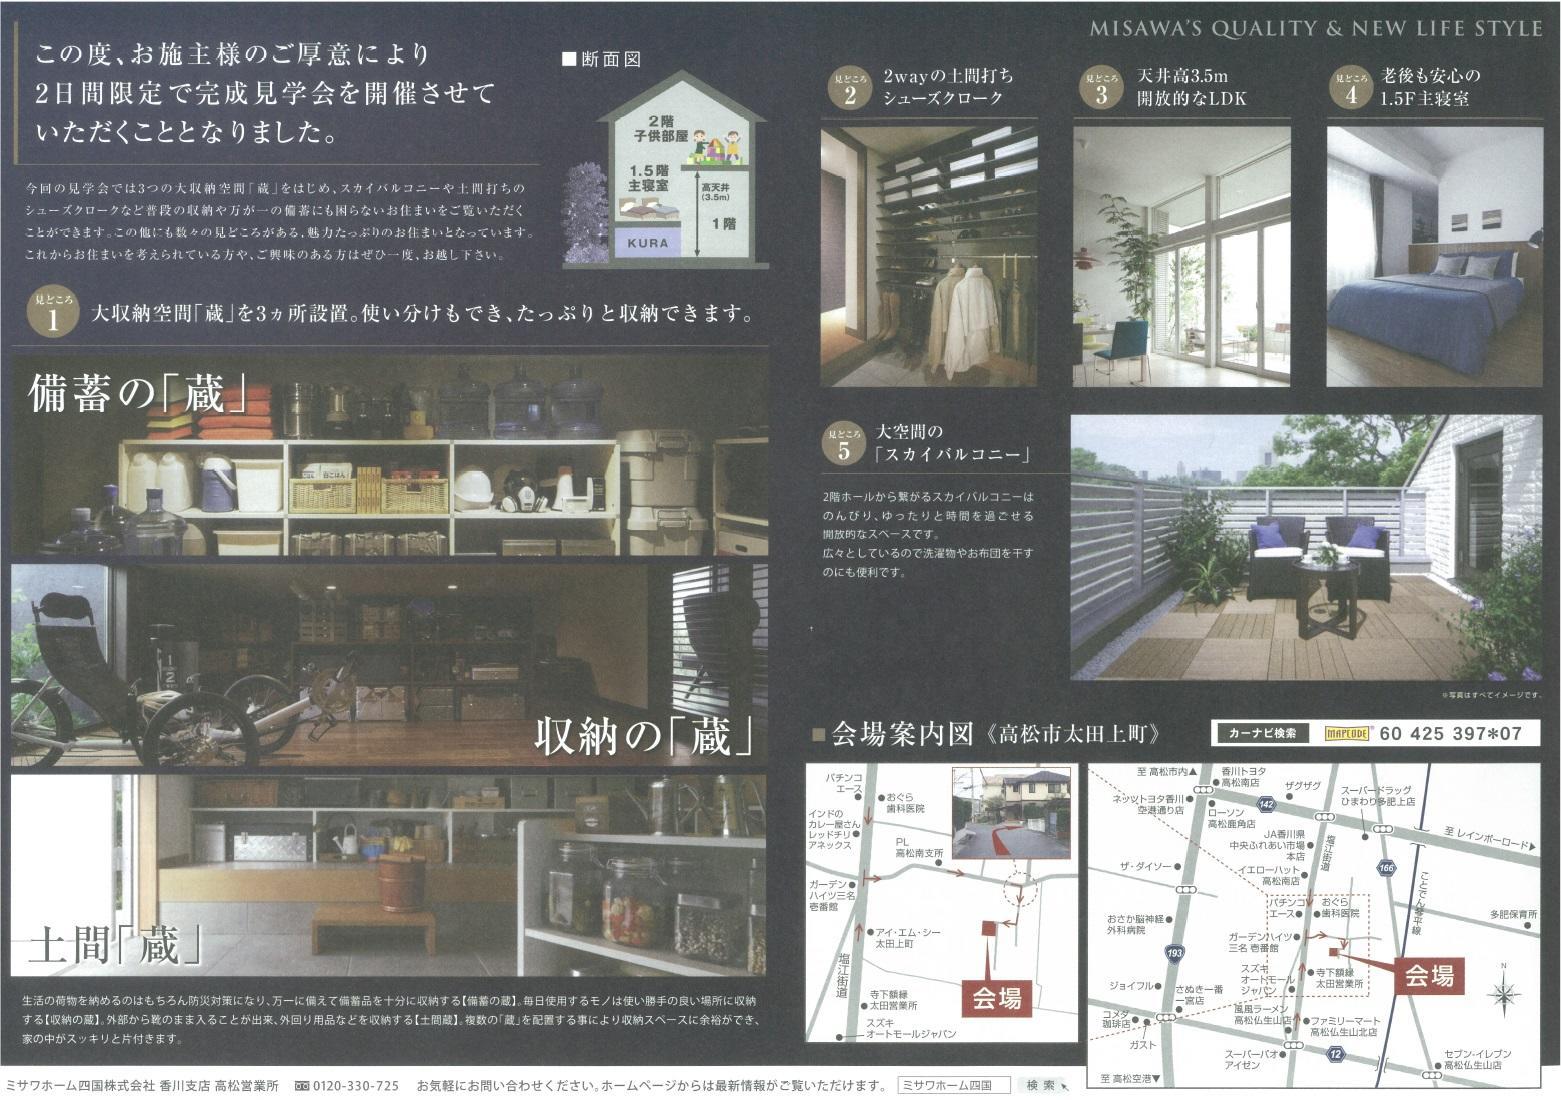 http://shikoku.misawa.co.jp/br_takamatsu/f1b55d82881cf424b7dac2054a153eca0b577e64.jpg